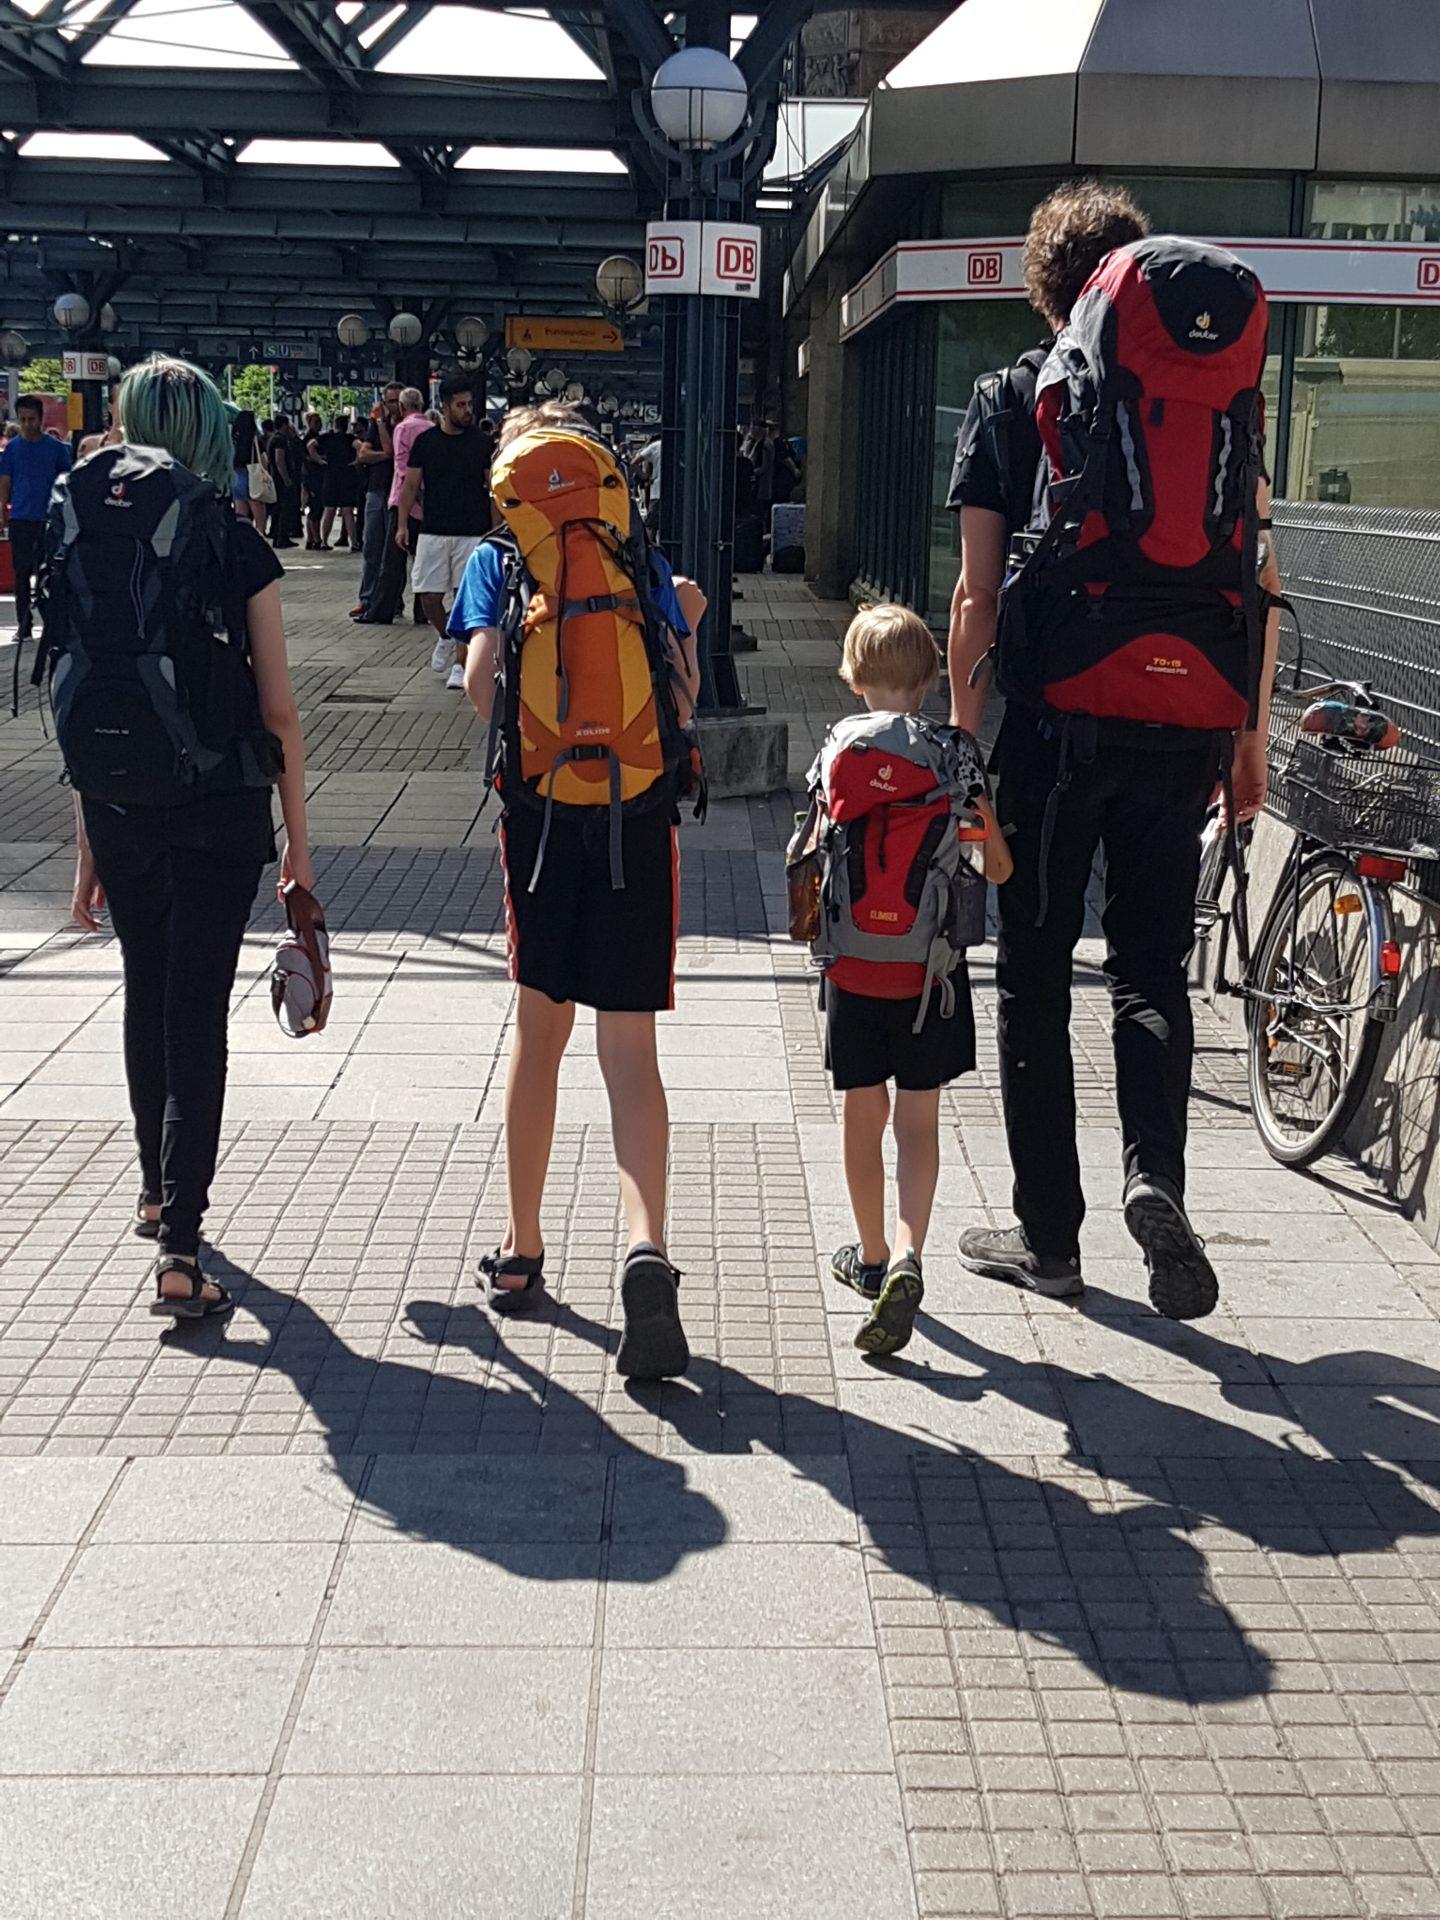 Ein Vater und seine drei Kinder, alle mit Rucksäcken bepackt, laufen in den Hamburger Bahnhof